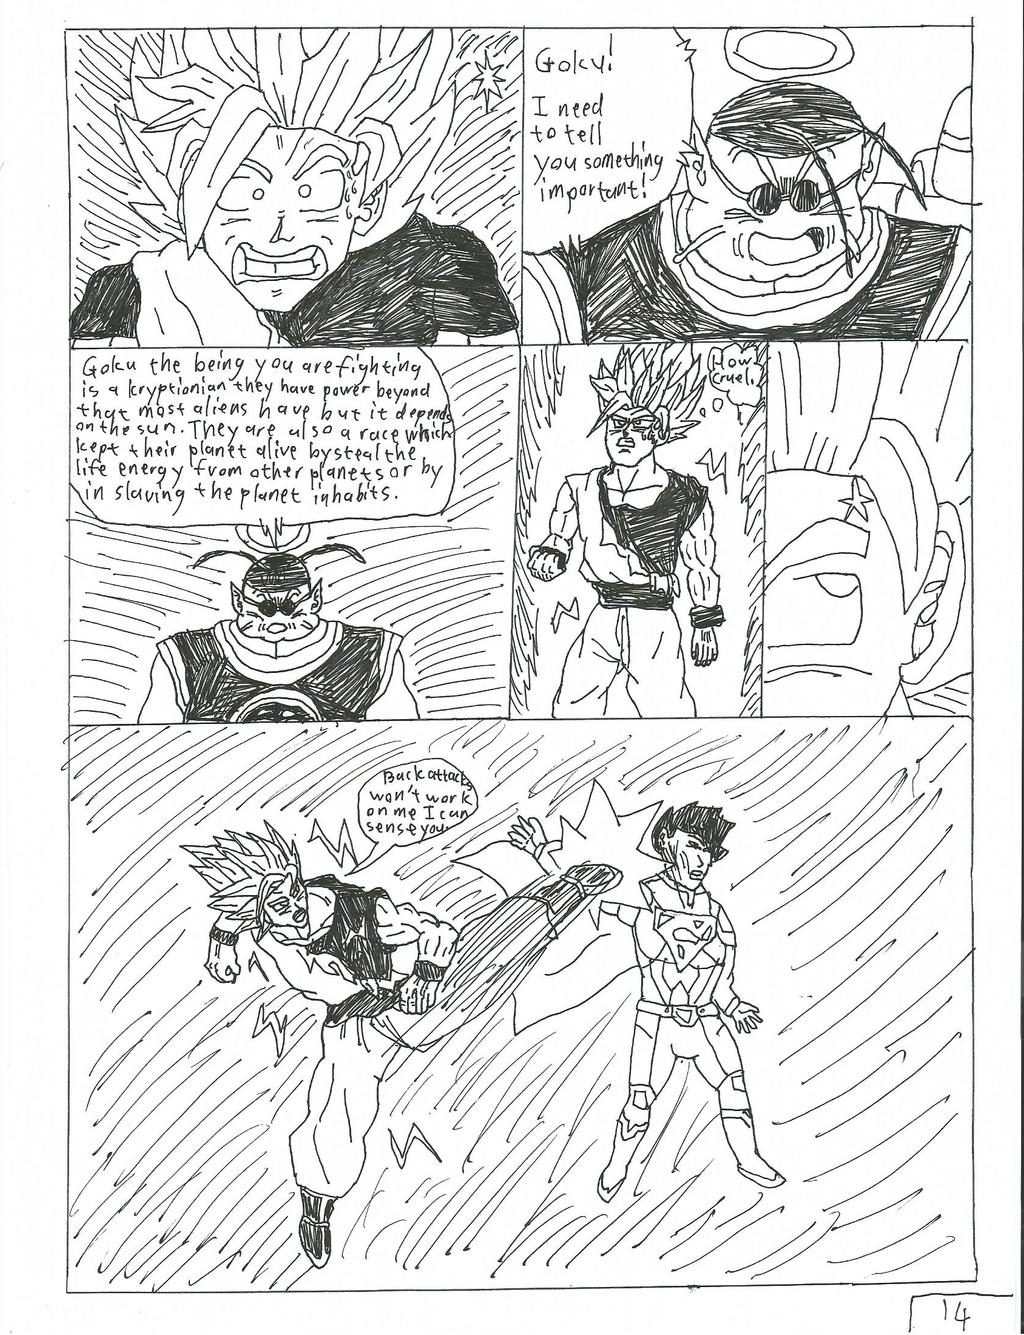 goku vs superman page 14 by brandonking2013 on DeviantArt